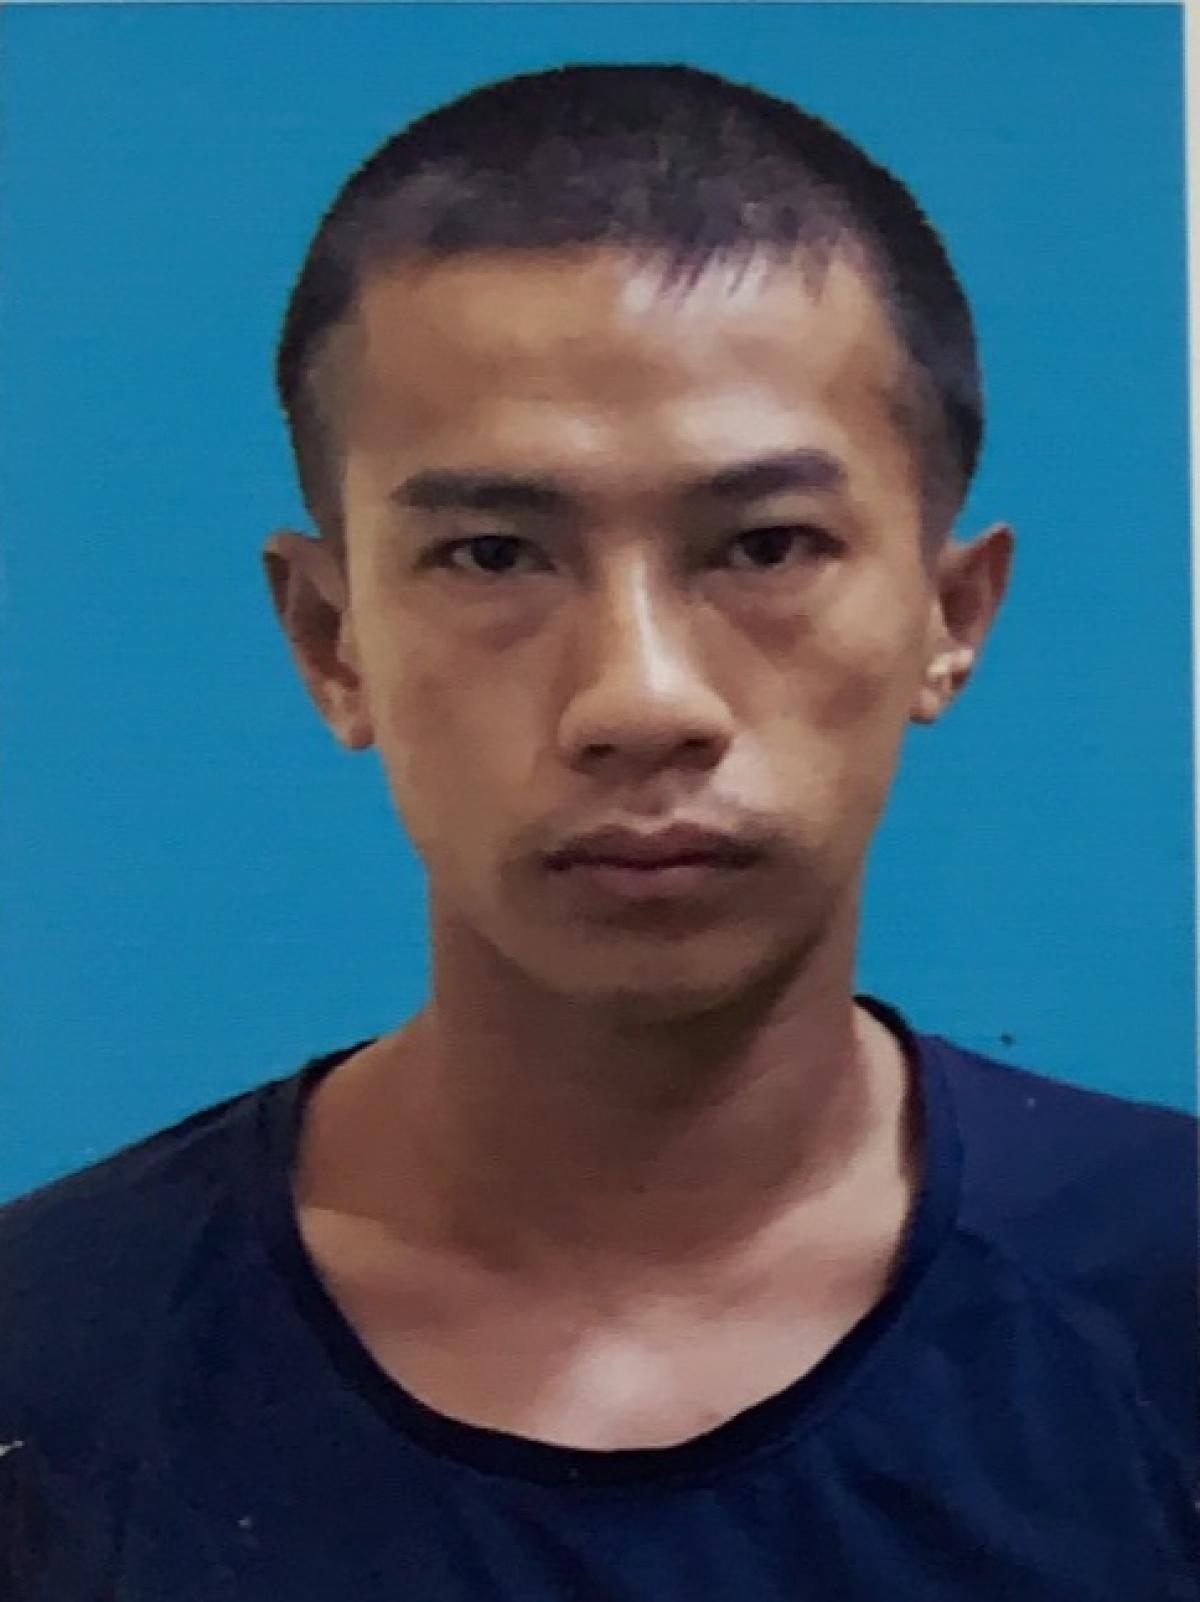 Phạm Văn Đạt, đối tượng thực hiện nhiều vụ trộm cắp dây cáp điện thoại tại các trạm biến áp trên địa bàn thành phố Hải Phòng.